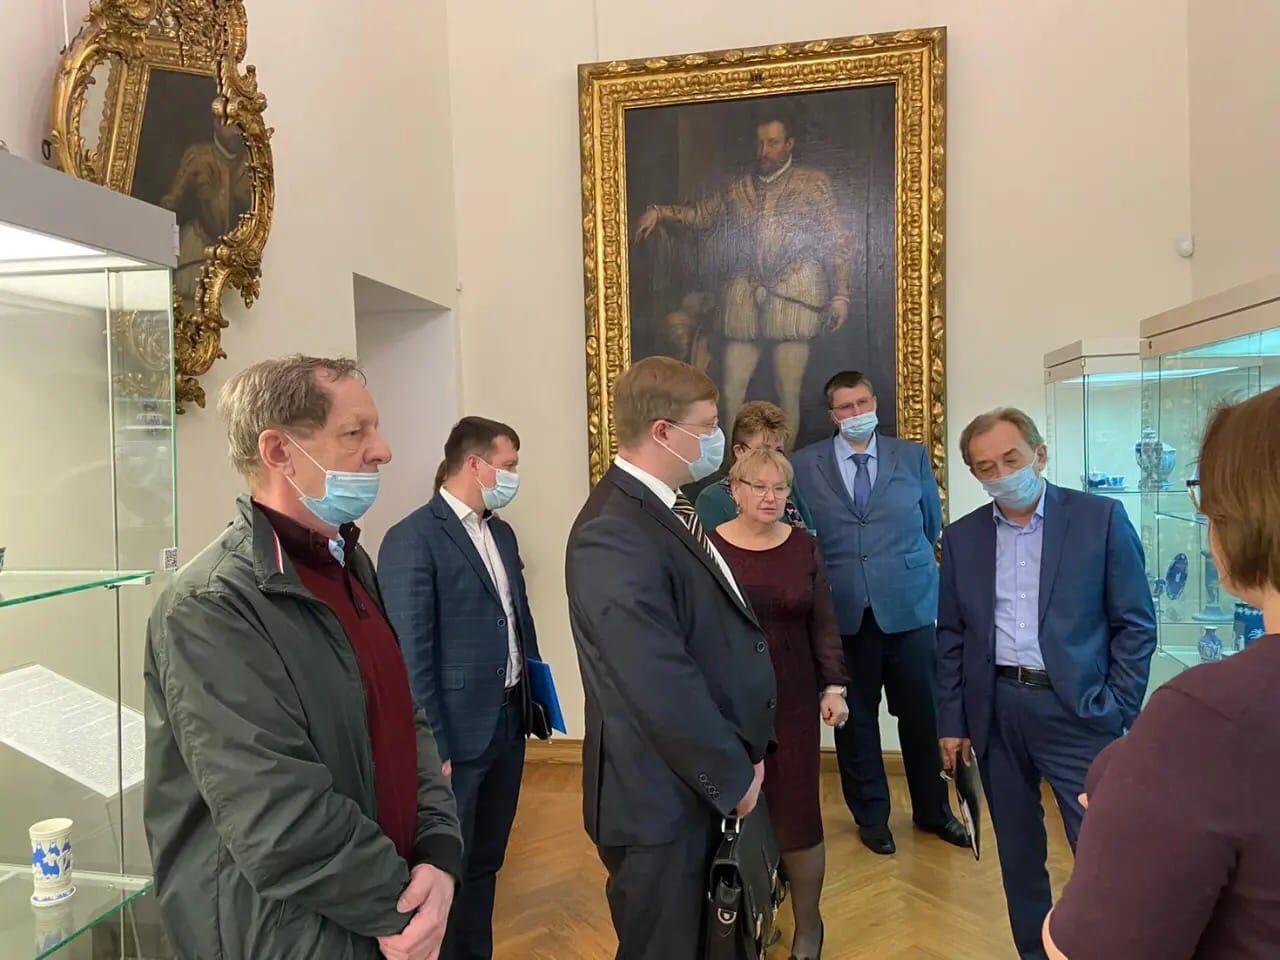 Представители Петровска приняли участие в заседании регионального оргкомитета по подготовке мероприятий, посвящённых 350-летию со дня рождения российского императора Петра l